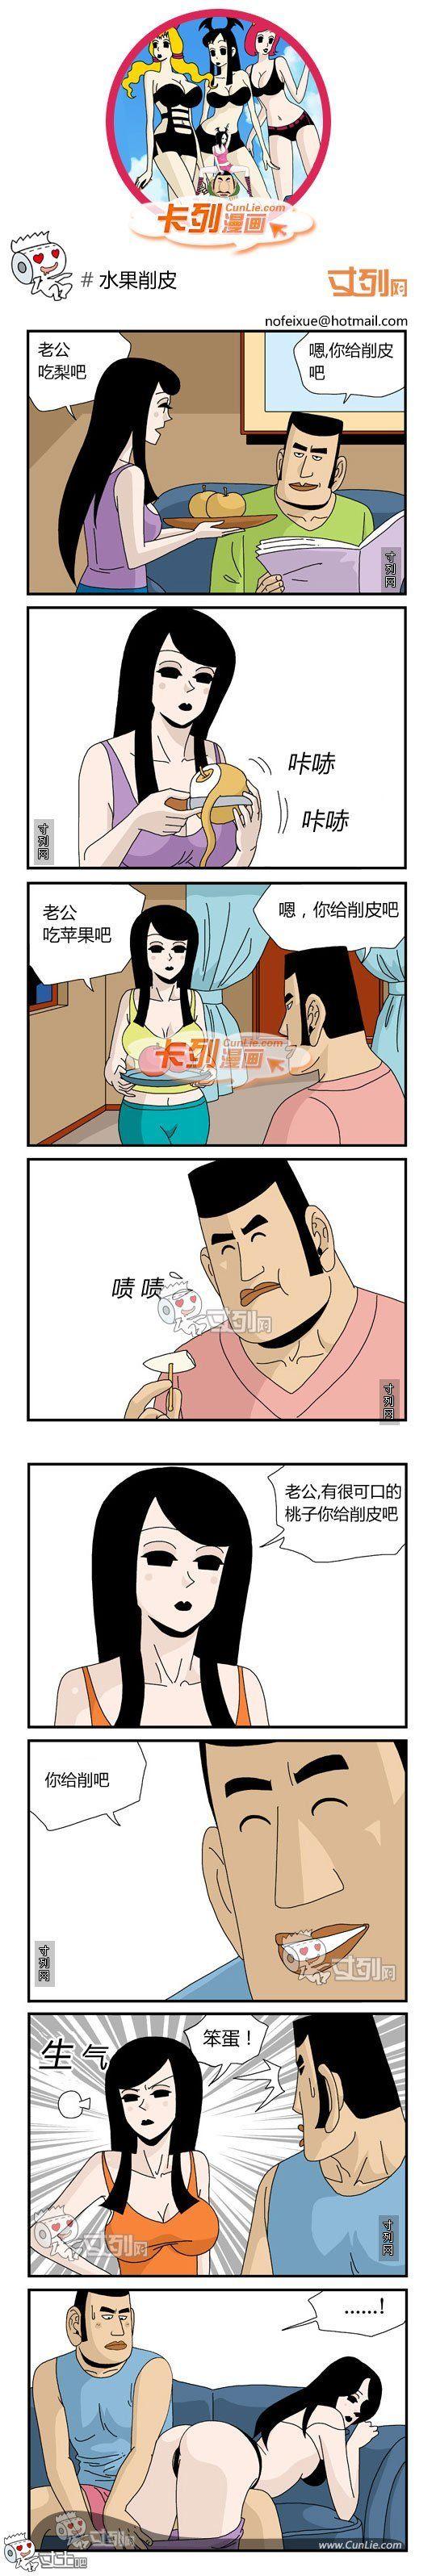 75.卡列漫画水果削皮